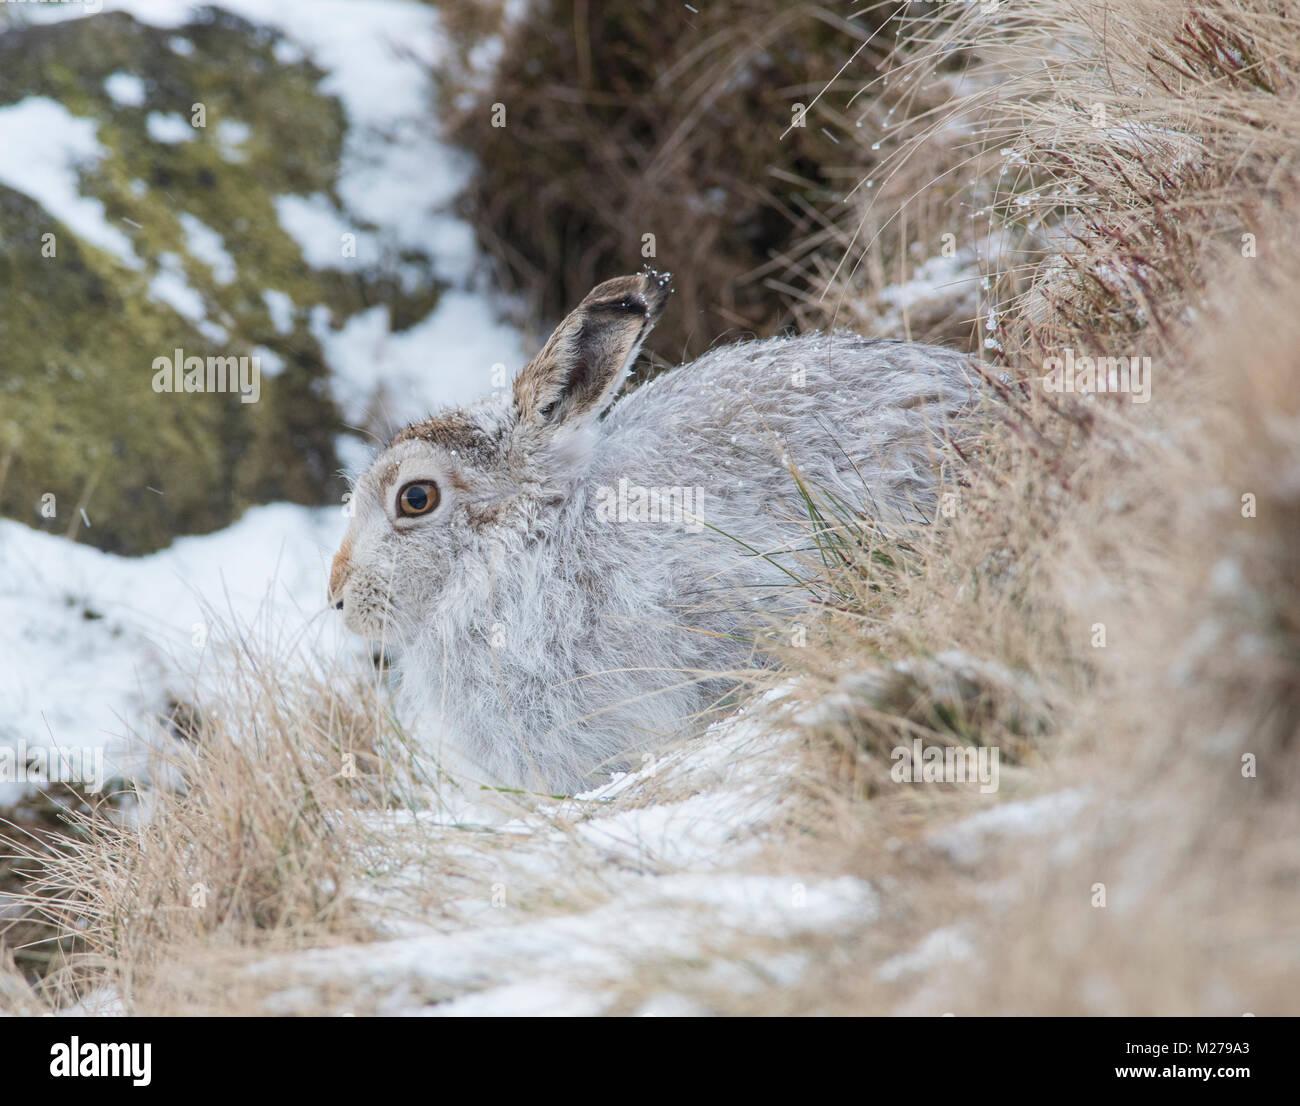 Mountain Liebre Lepus timidus en su abrigo blanco en invierno, con una nevada antecedentes sobre los páramos Imagen De Stock